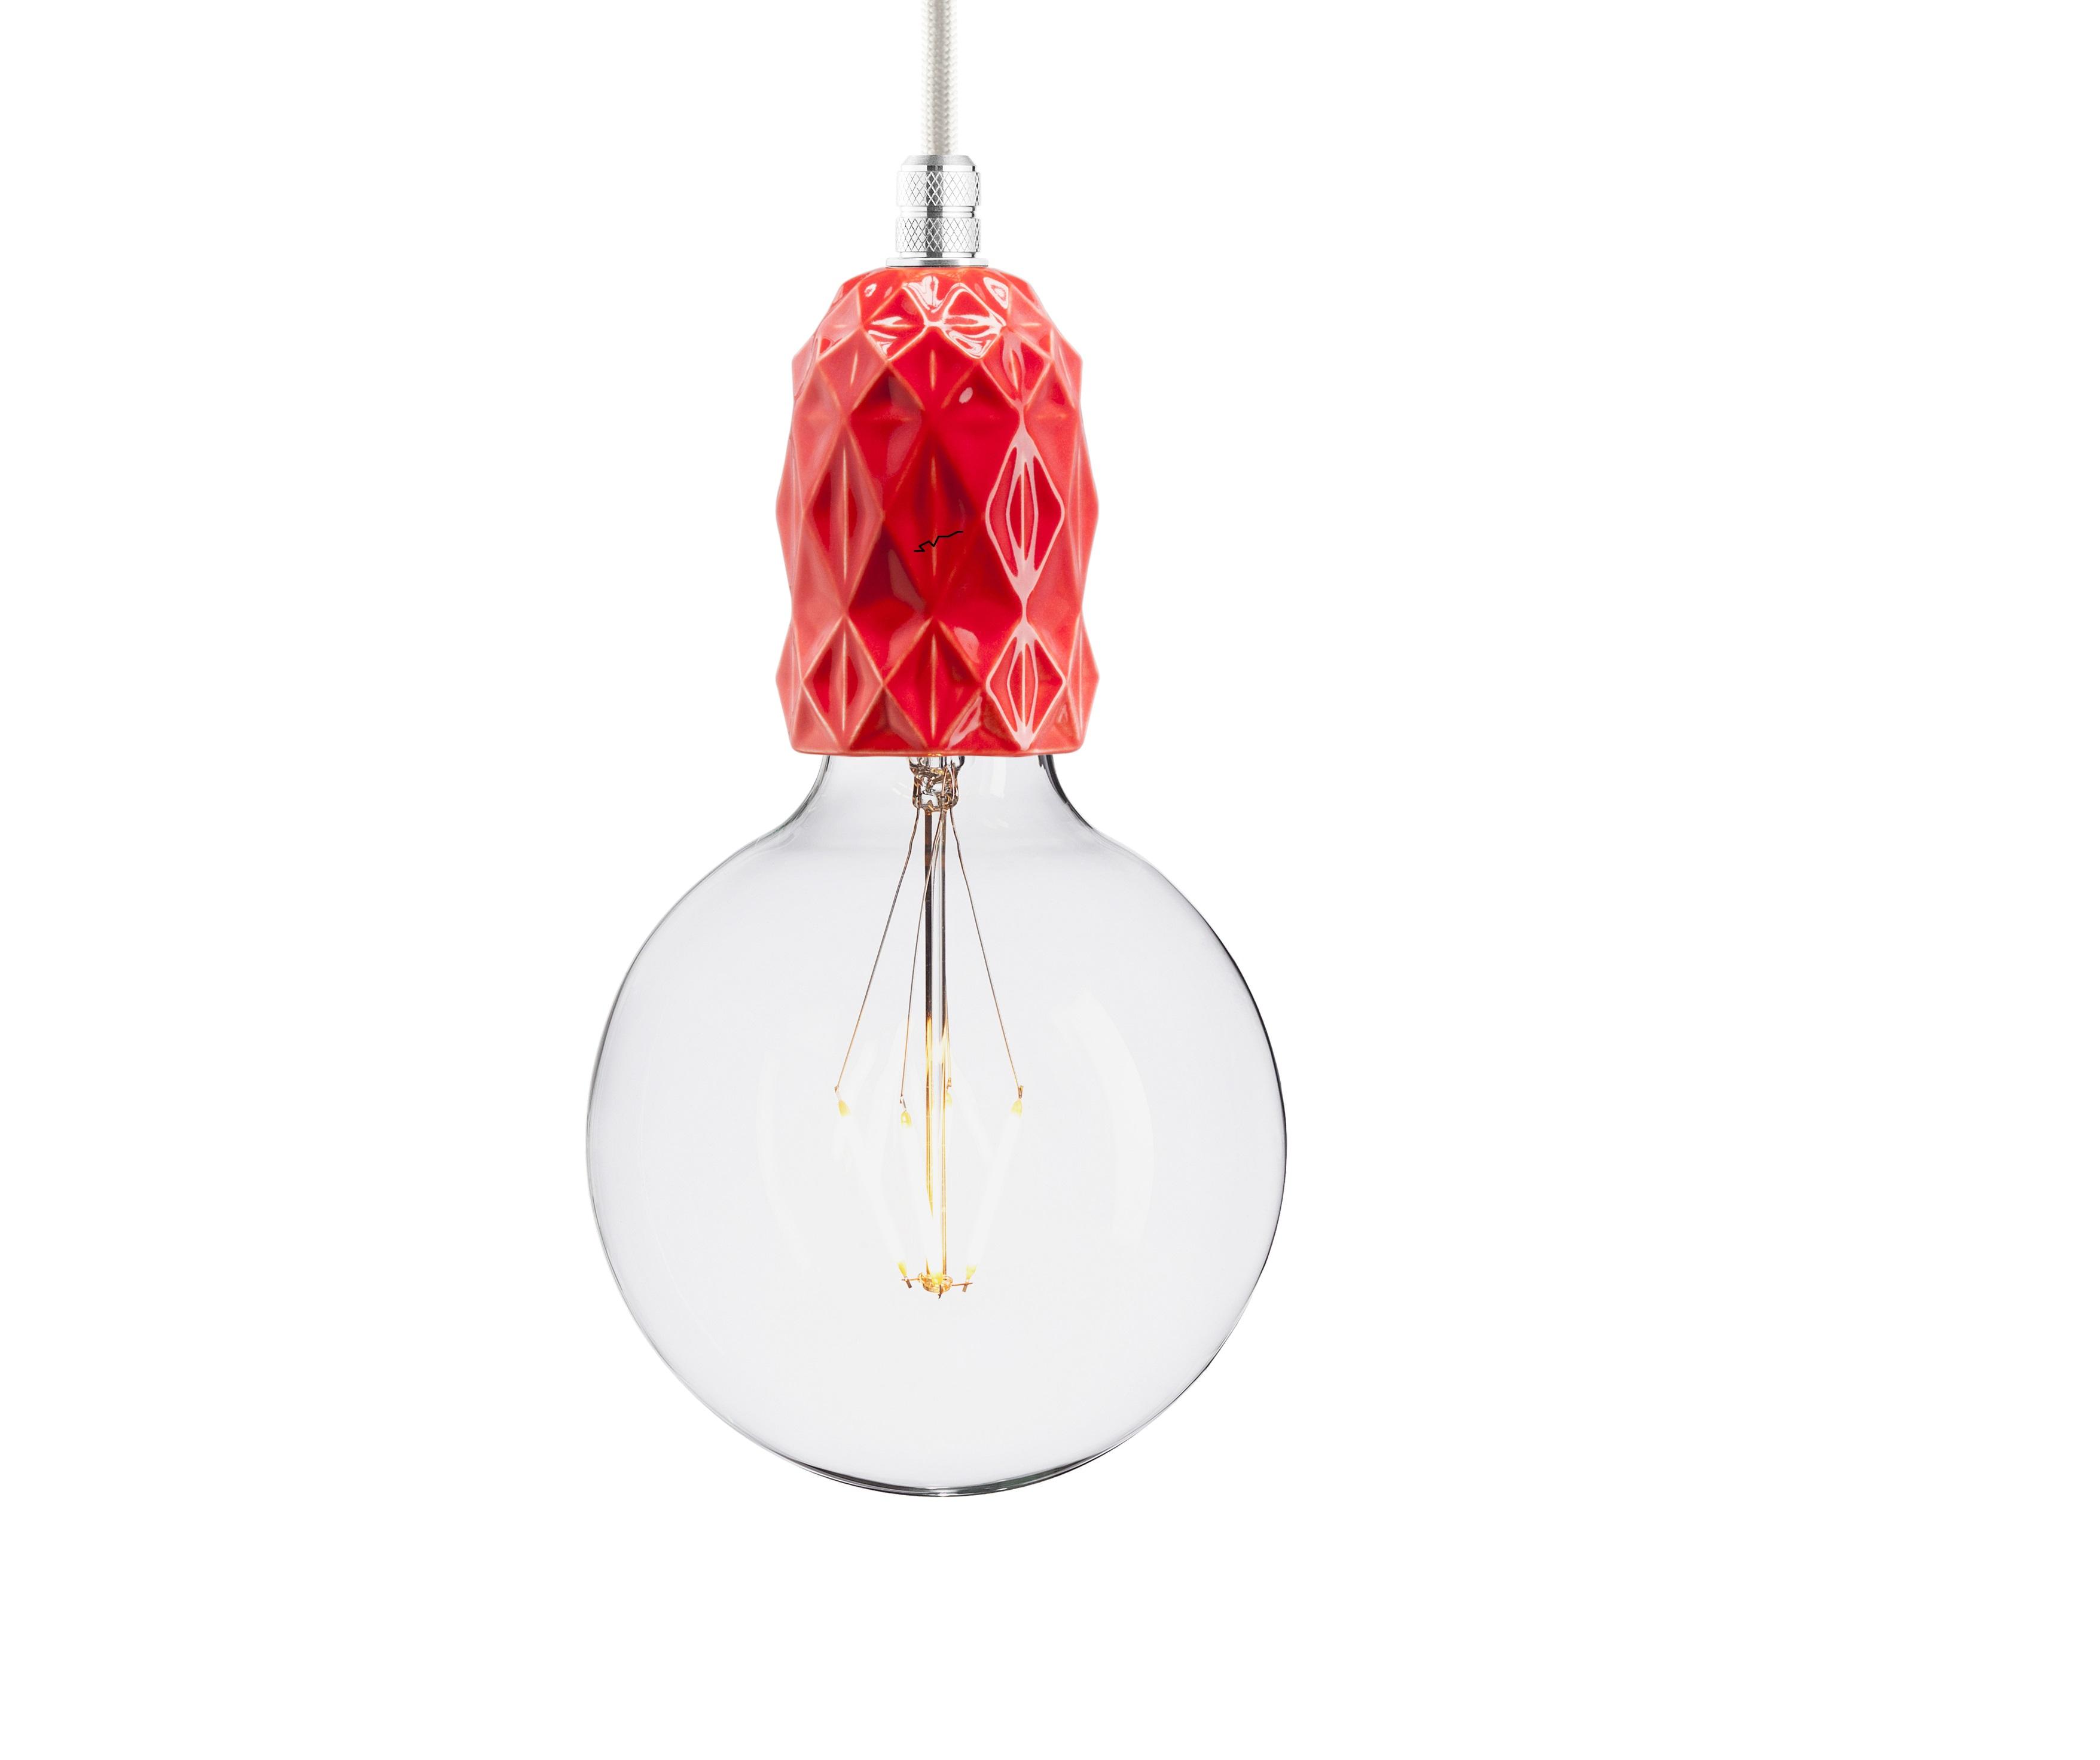 Подвесной светильник AIRПодвесные светильники<br>Подвесной светильник из керамики, доступный в 4-ех цветах: красном, индиго, голубом и лиловом. Два вида фурнитуры: латунь или алюминий.&amp;lt;div&amp;gt;&amp;lt;br&amp;gt;&amp;lt;/div&amp;gt;&amp;lt;div&amp;gt;&amp;lt;div&amp;gt;Вид цоколя: E27&amp;lt;/div&amp;gt;&amp;lt;div&amp;gt;Мощность: 60W&amp;lt;/div&amp;gt;&amp;lt;div&amp;gt;Количество ламп: 1&amp;lt;/div&amp;gt;&amp;lt;/div&amp;gt;&amp;lt;div&amp;gt;&amp;lt;br&amp;gt;&amp;lt;/div&amp;gt;<br><br>Material: Керамика<br>Width см: None<br>Depth см: None<br>Height см: 10.5<br>Diameter см: None